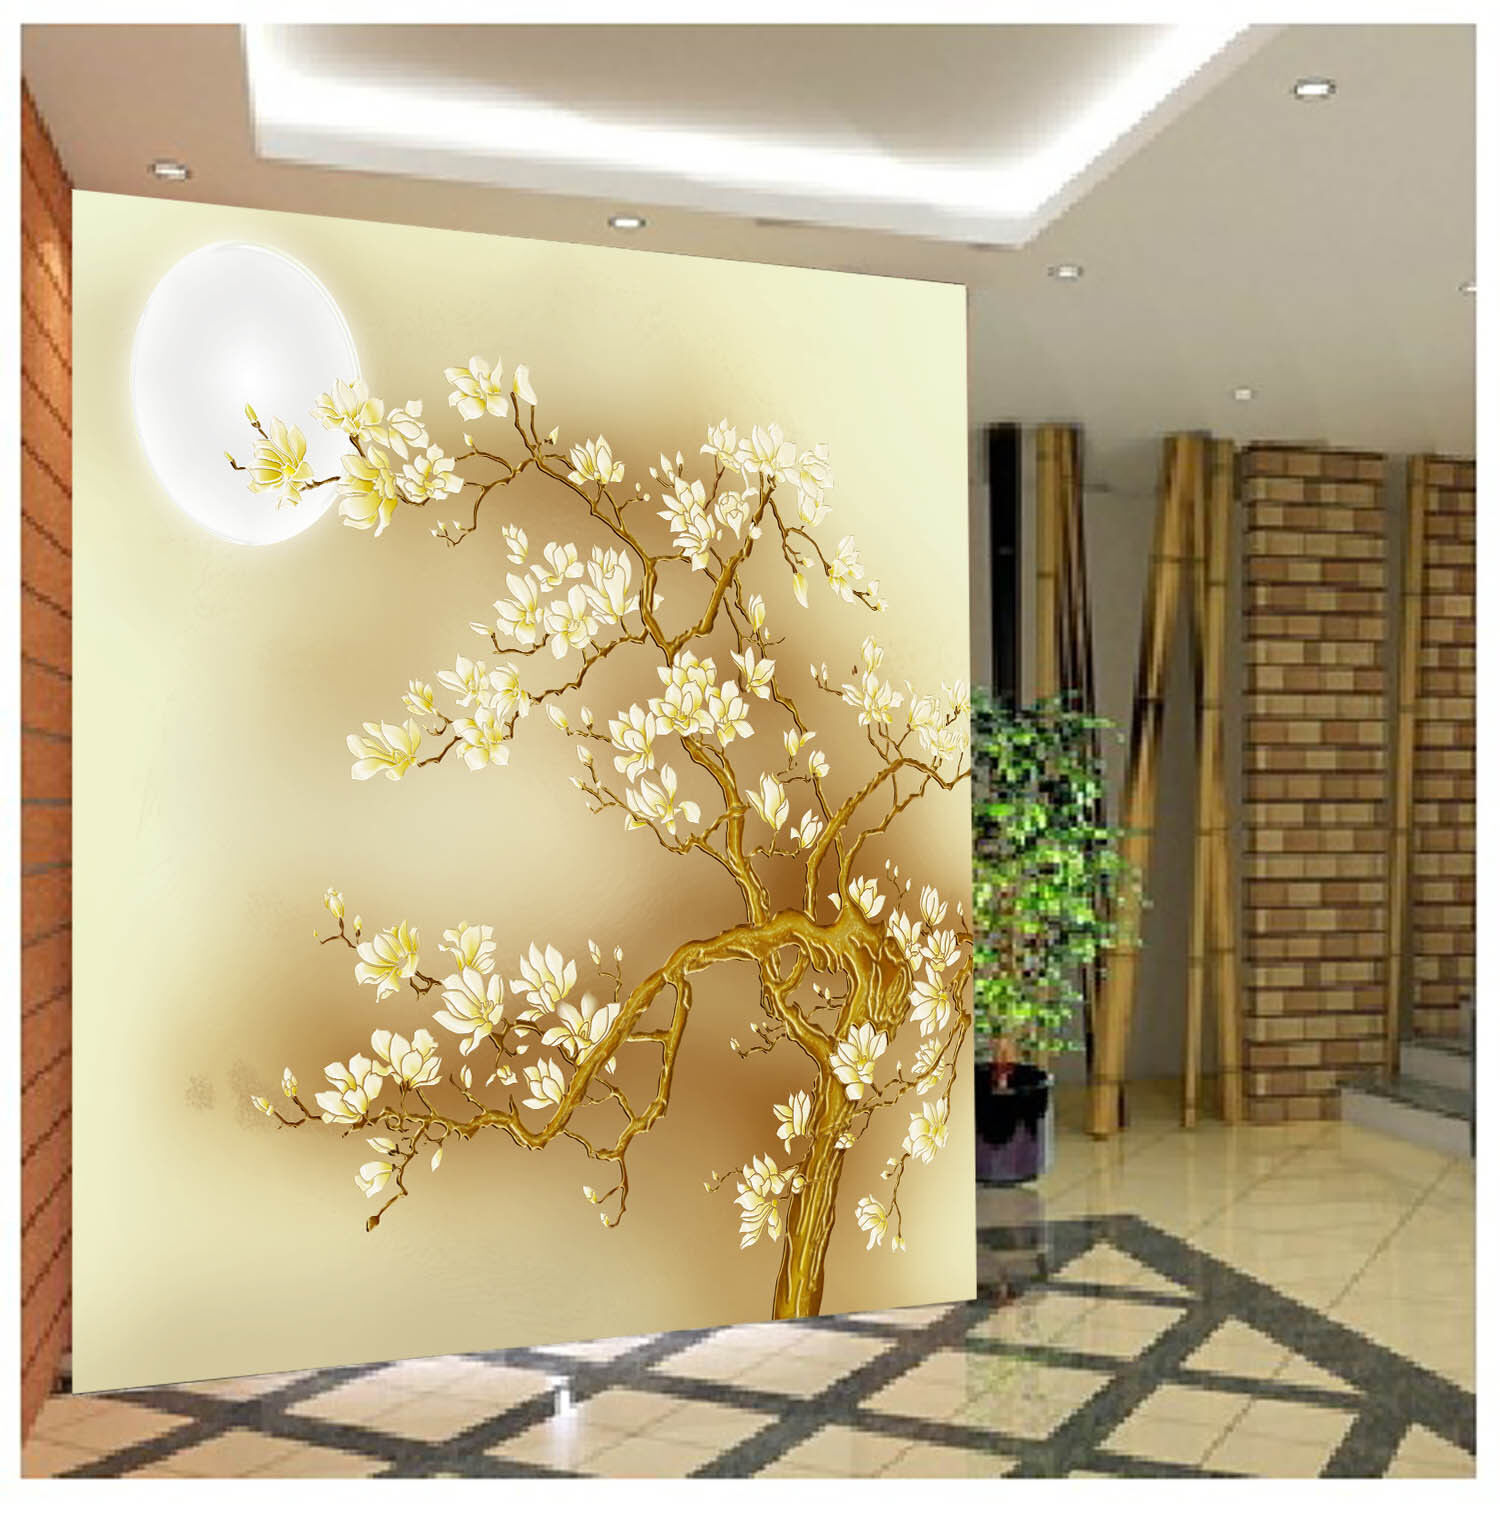 3D Mond Blaume Baum 743 Tapete Wandgemälde Tapete Tapeten Bild Familie DE Summer | Deutschland Store  | Um Sowohl Die Qualität Der Zähigkeit Und Härte  | Moderater Preis